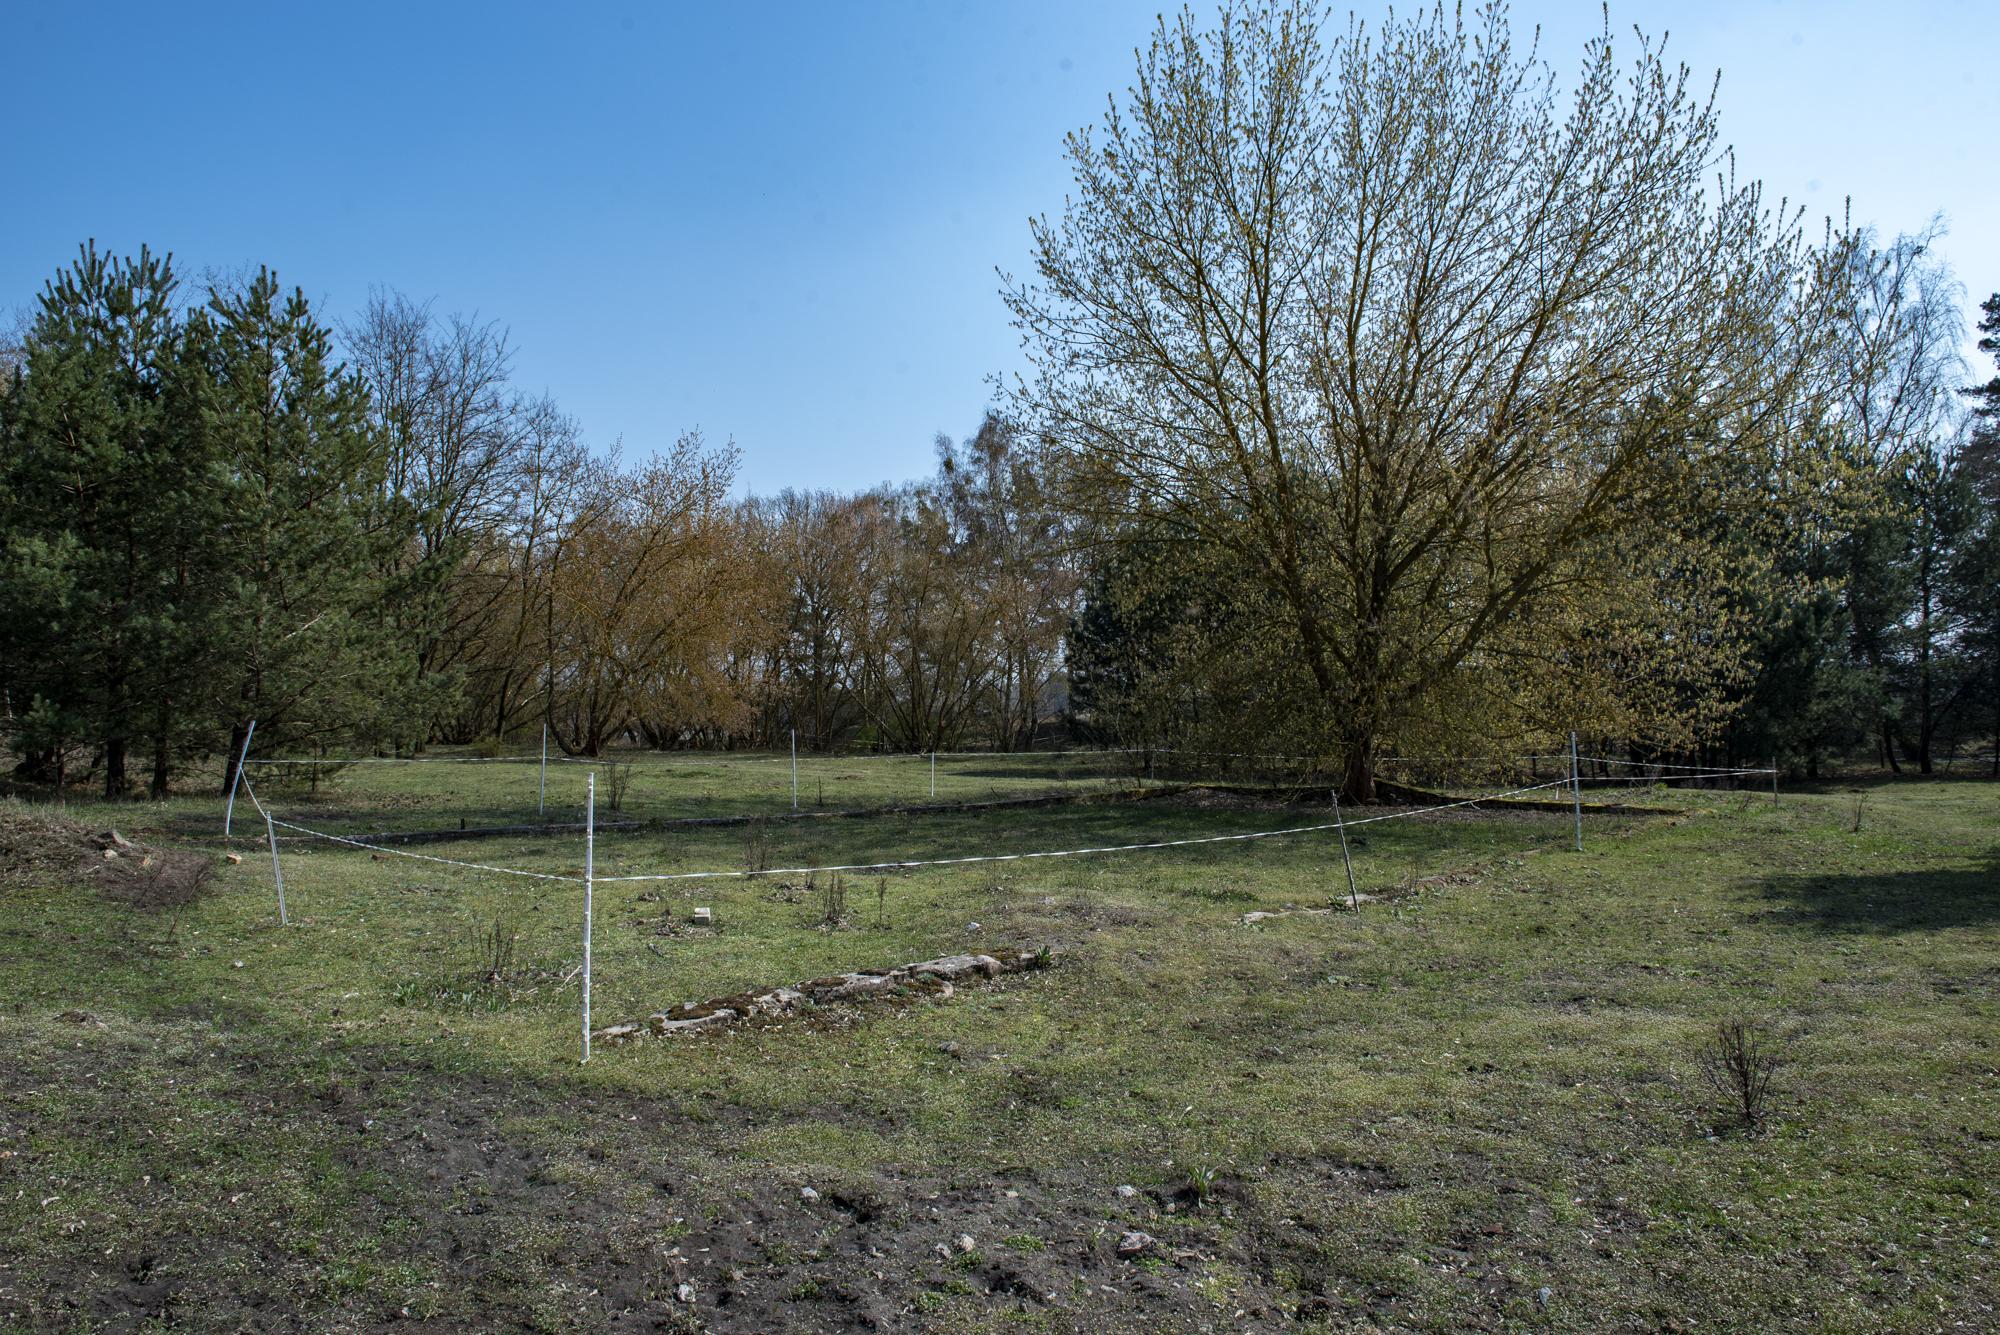 (Sowjetische) Fundamentreste auf dem Gelände des ehemaligen Nachschubsammellagers. Foto: Christoph Löffler, Berlin